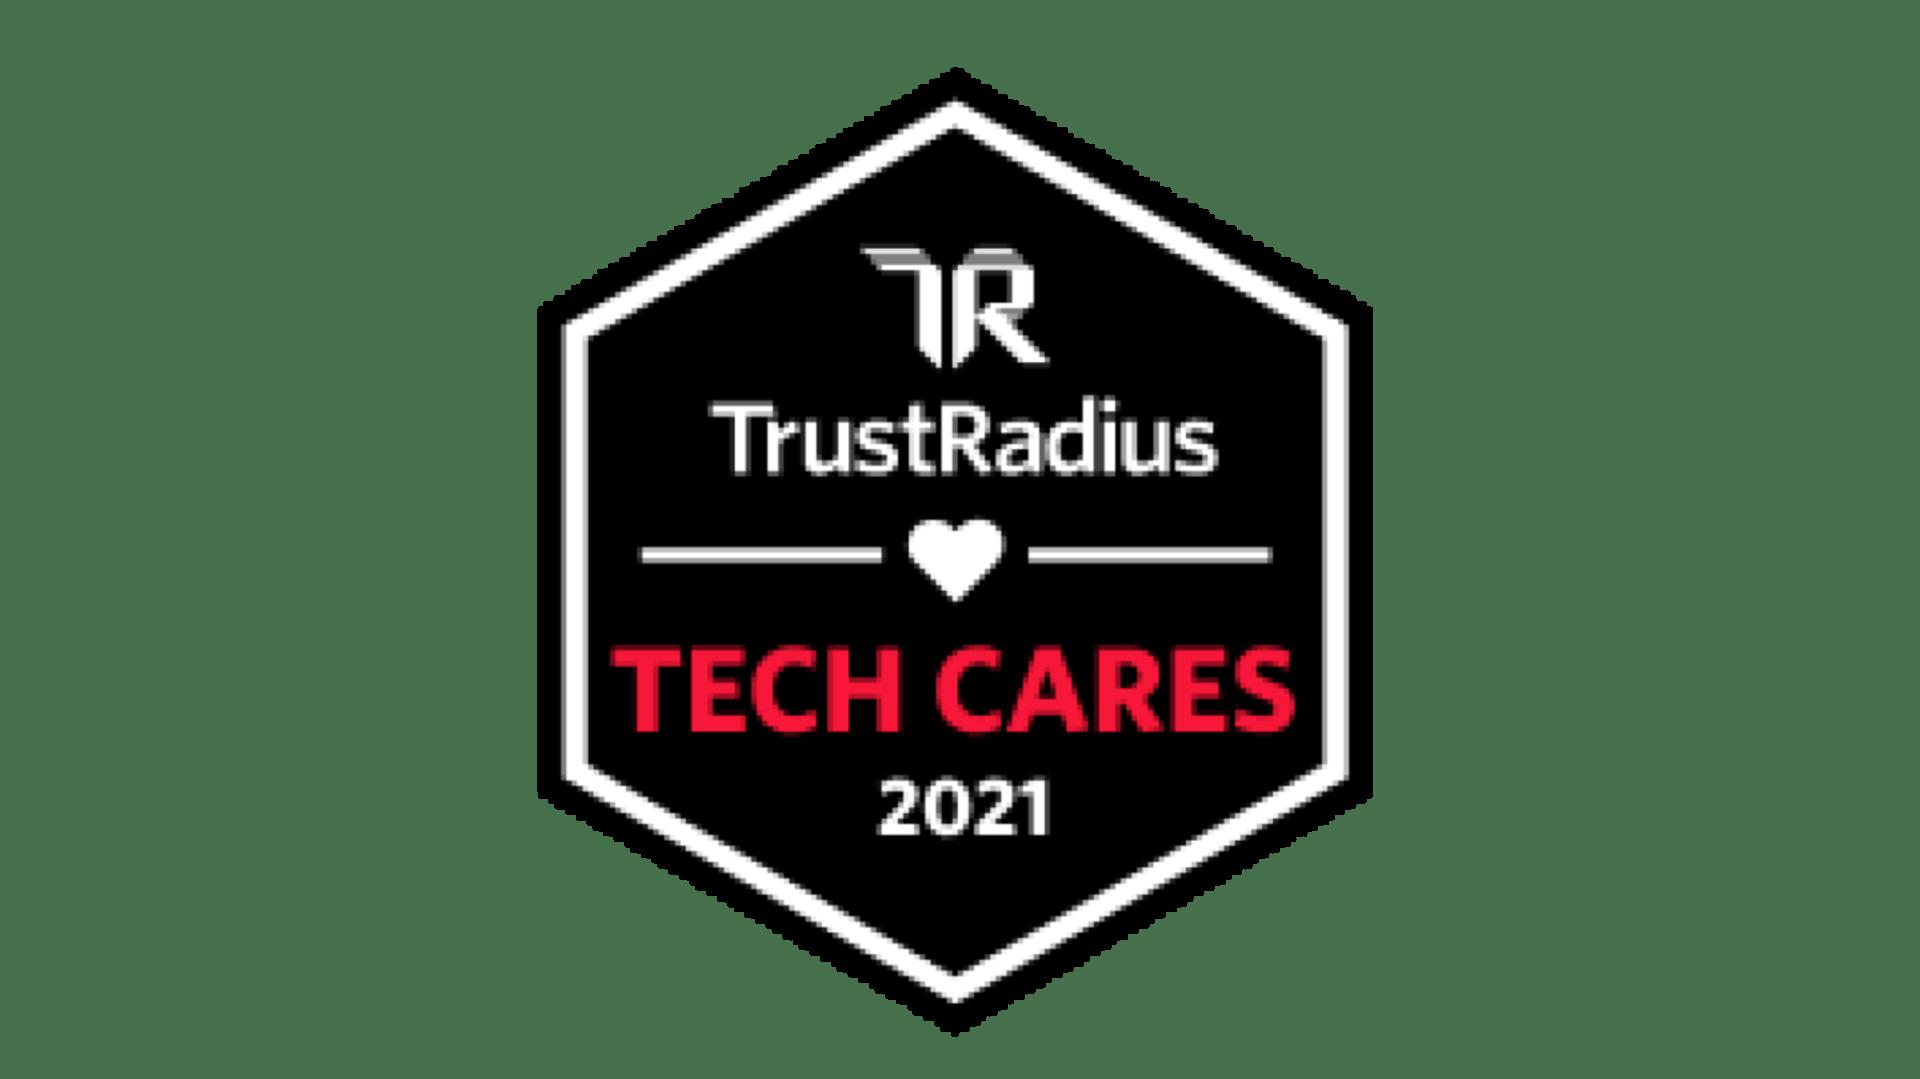 tech-cares-badges